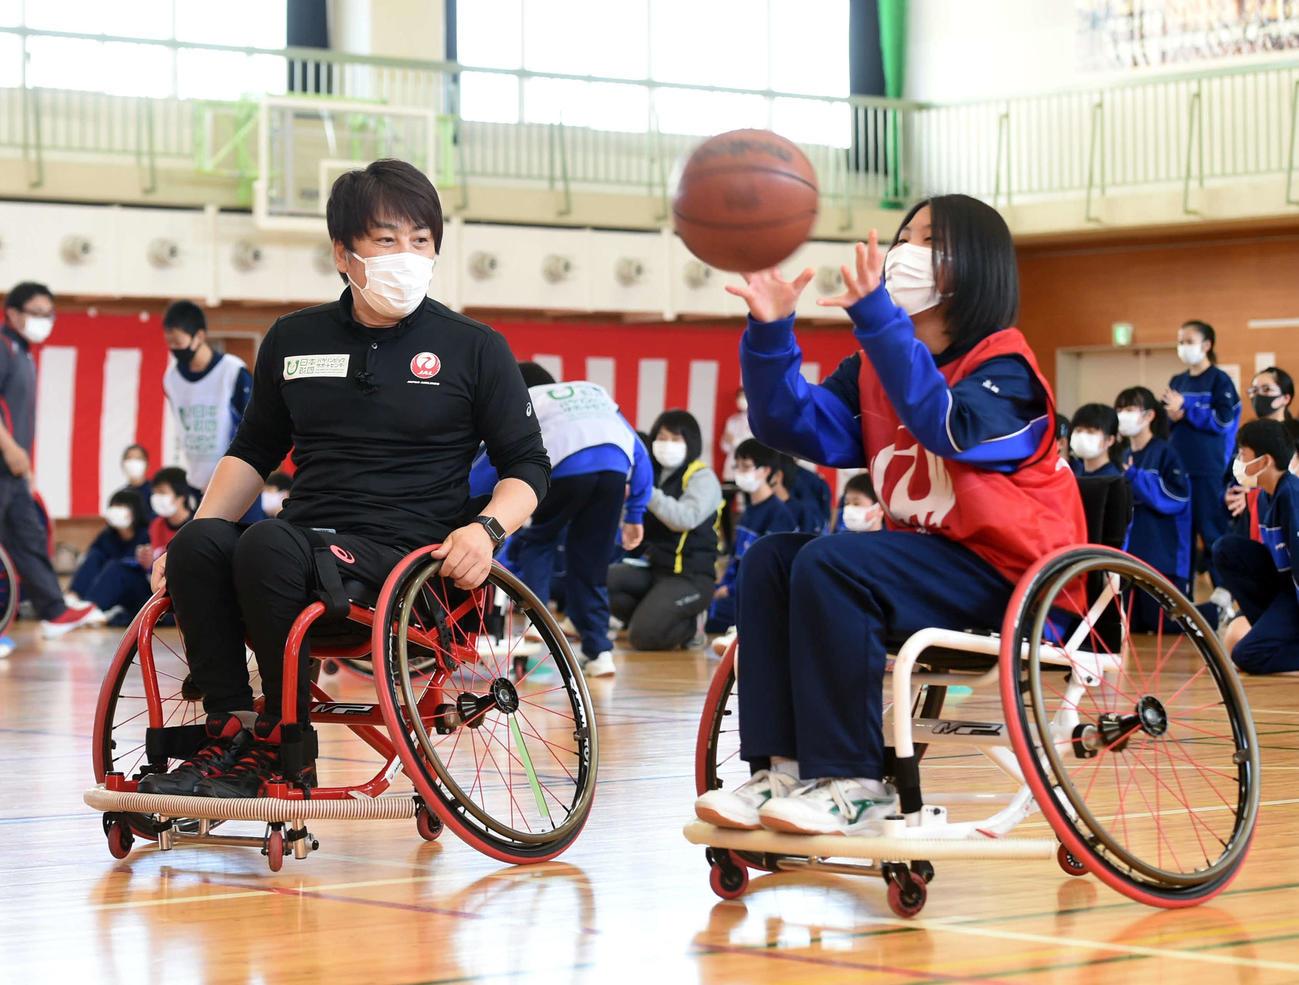 中学生が体験する様子を見守る根木氏(左)(撮影・相沢孔志)